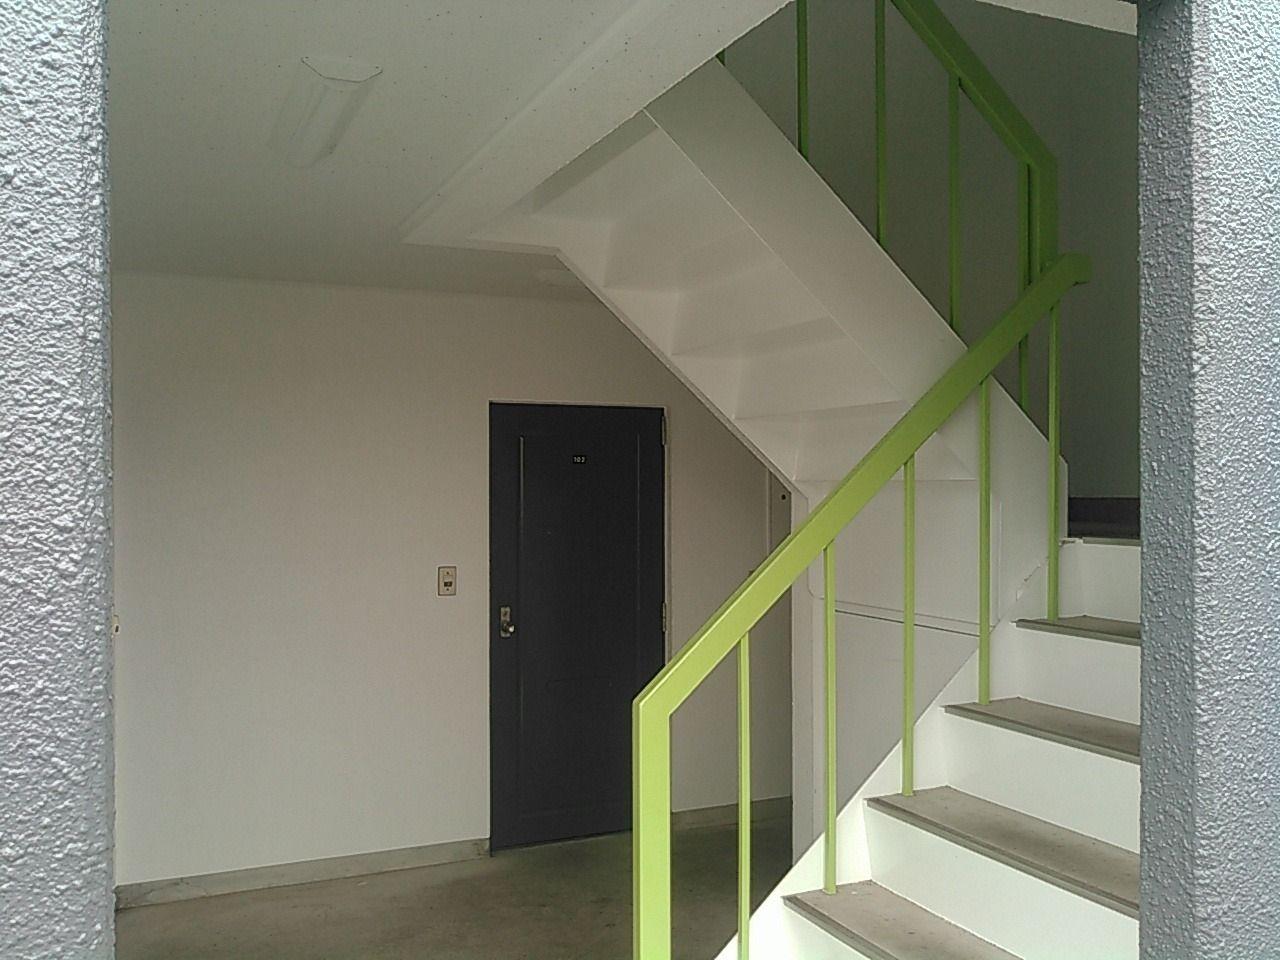 共用部分の壁、階段も塗り替えて、共用灯もLEDに!